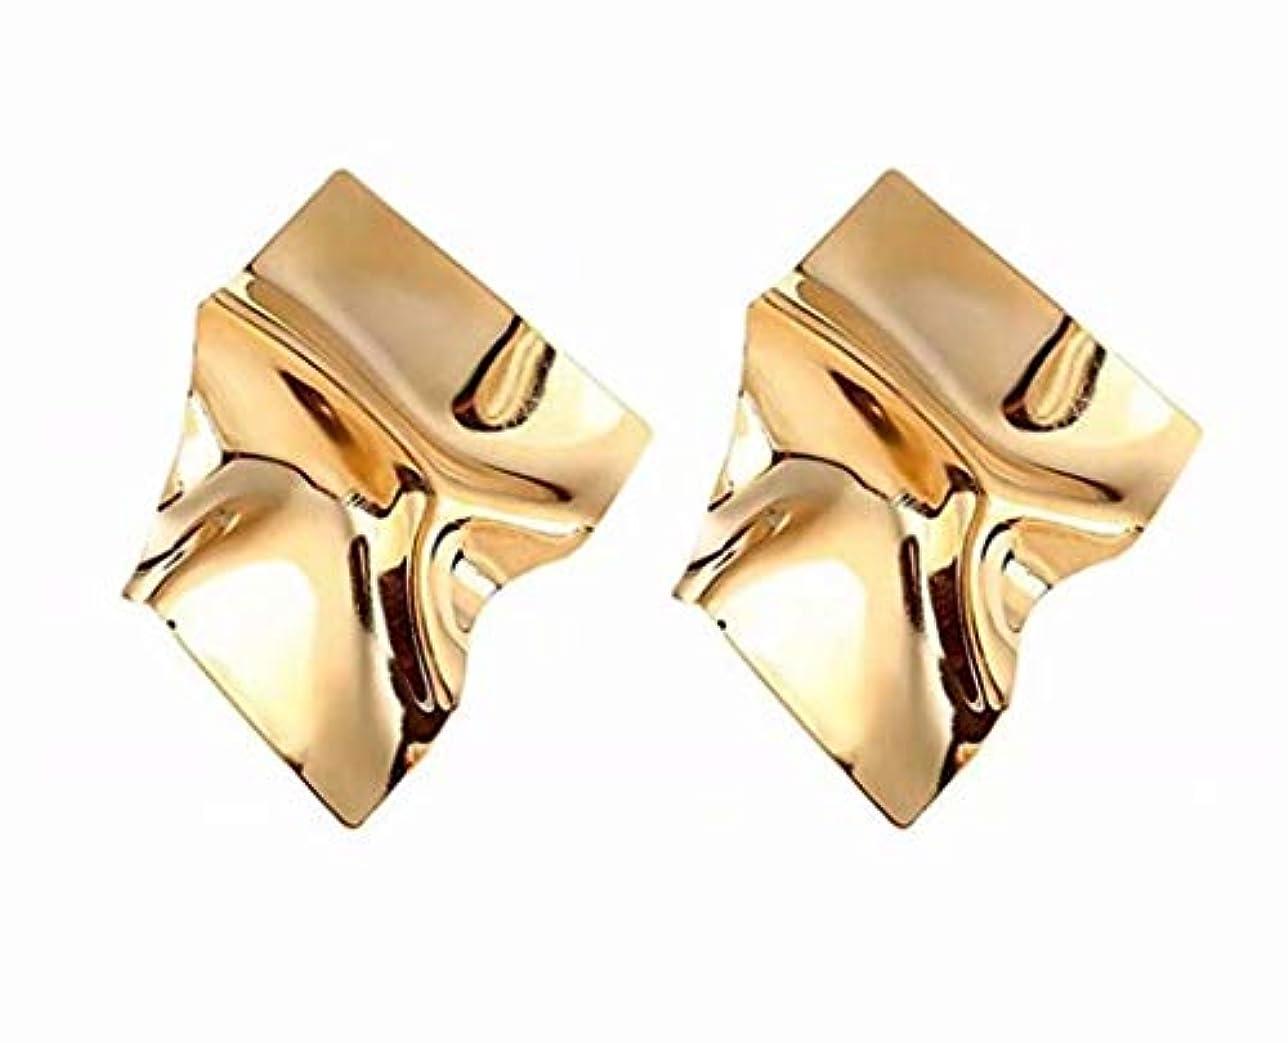 適用するシニス同志七里の香 幾何学的な不規則なミラードロップイヤリングギフトのための金メッキスタッドイヤリング